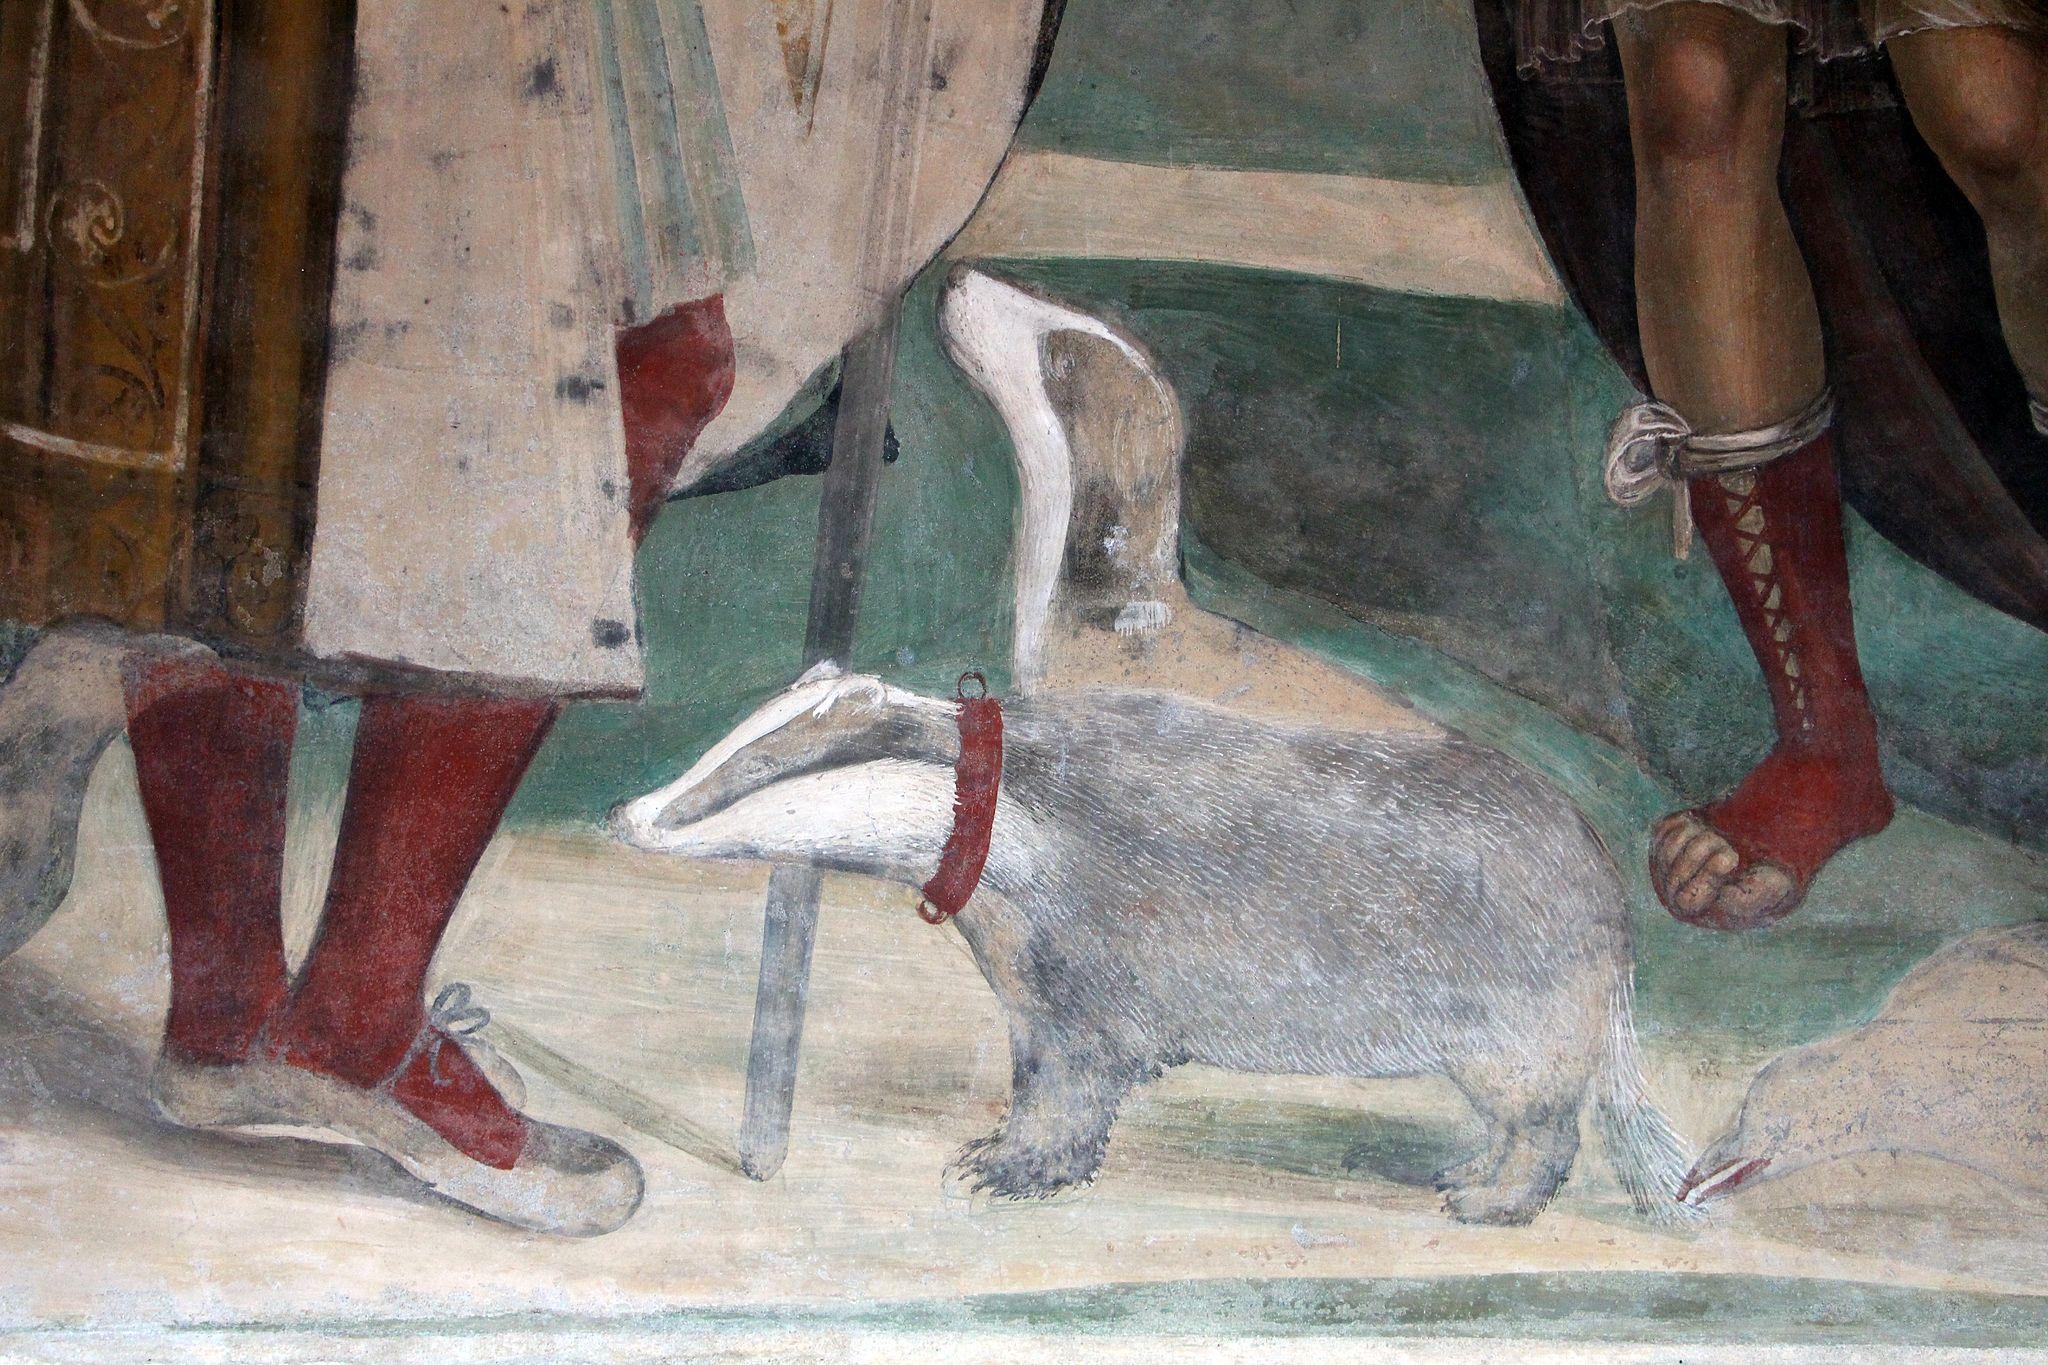 Storie di s. benedetto, 03 sodoma - Come Benedetto risalda lo capistero che si era rotto 09